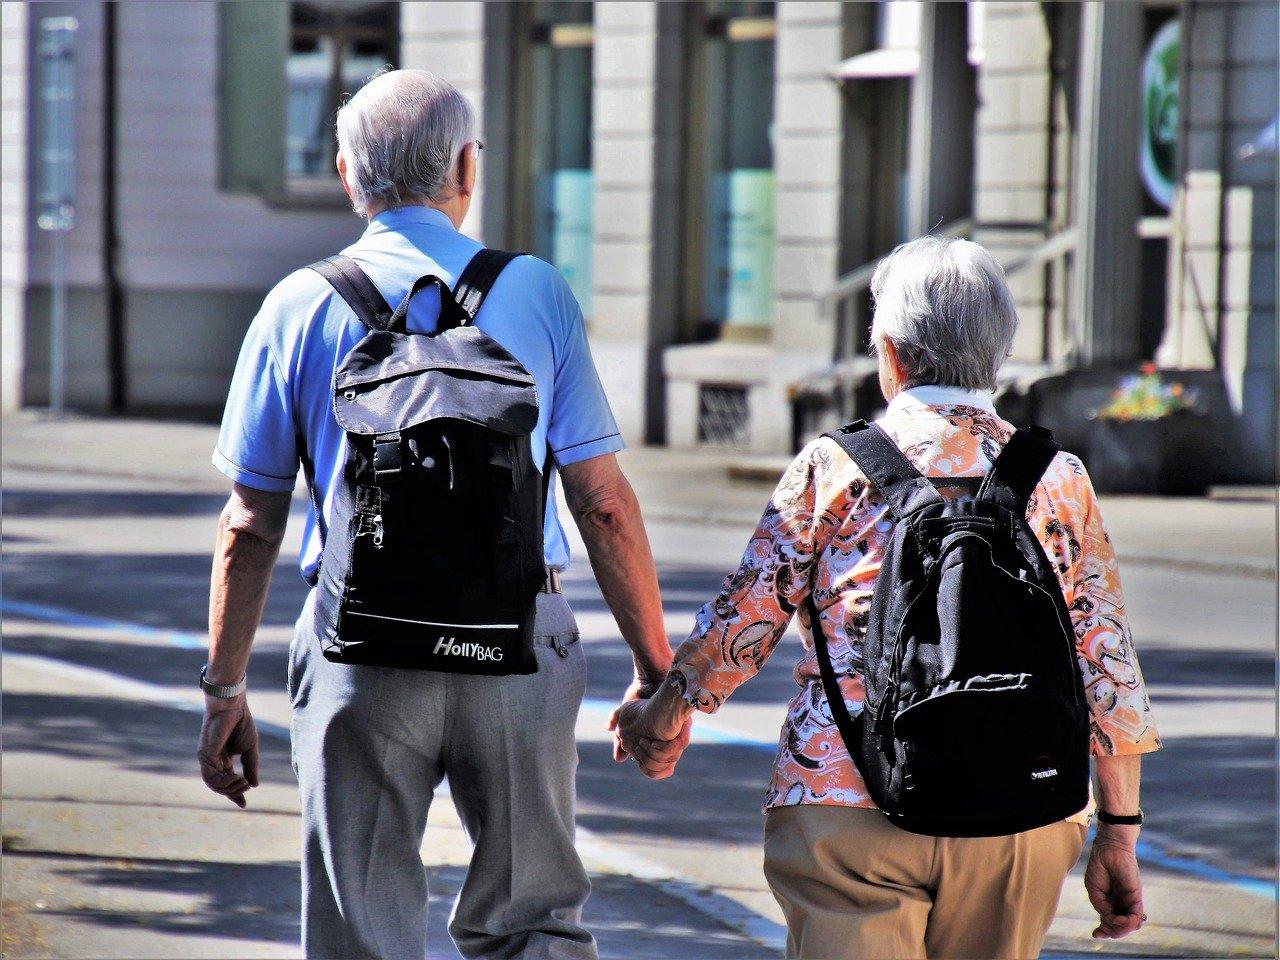 L-Importanza-delle-Relazioni-Familiari-nella-Terza-Eta L'importanza delle relazioni nella terza età